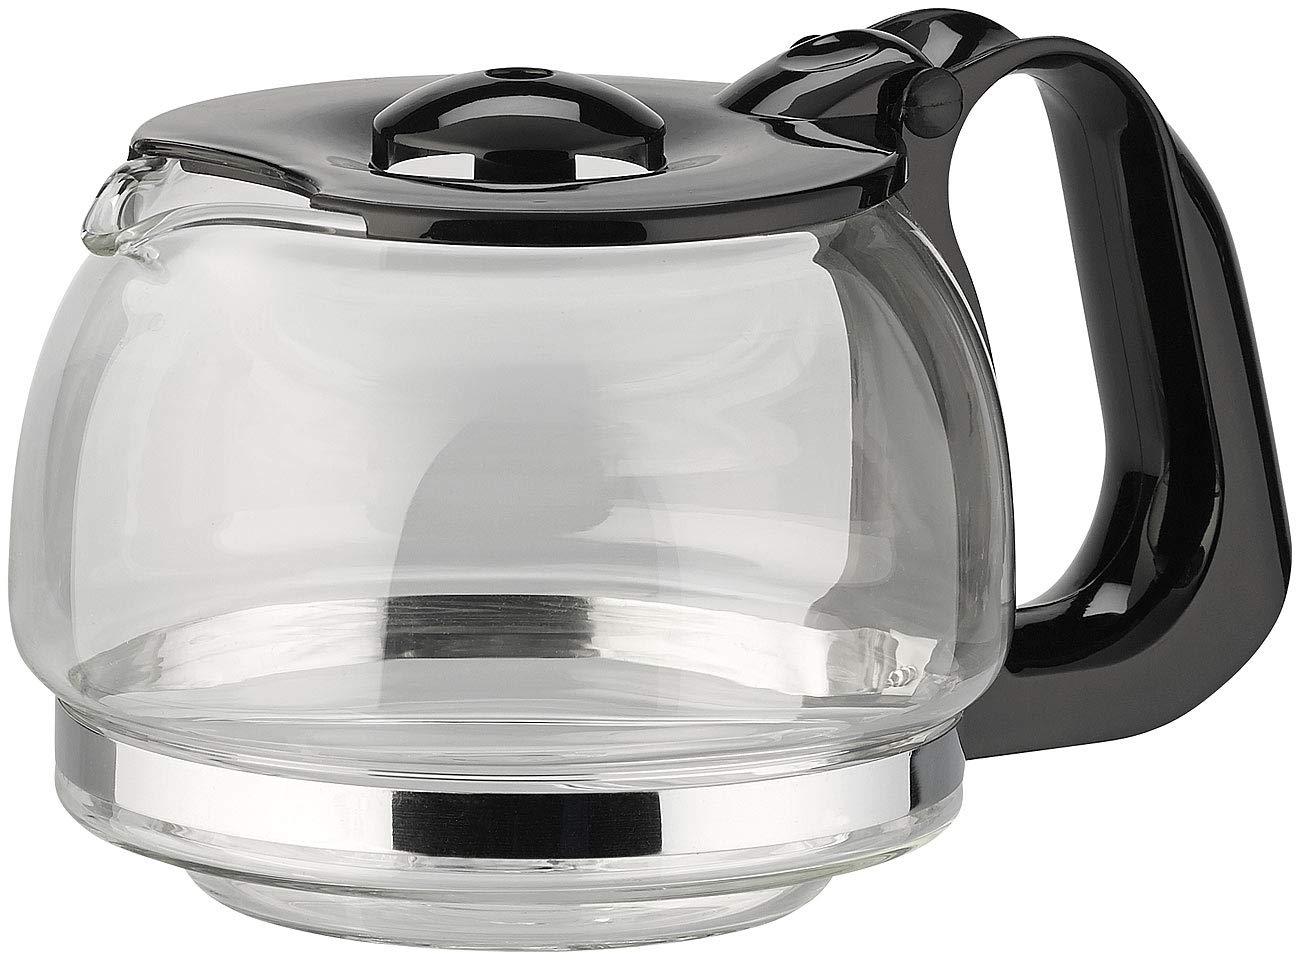 Rosenstein-Shne-12V-Kaffeemaschine-Kfz-Filterkaffee-Maschine-bis-zu-3-Tassen-650-ml-12-Volt-170-Watt-Auto-Wasserkocher-Kaffeemaschie